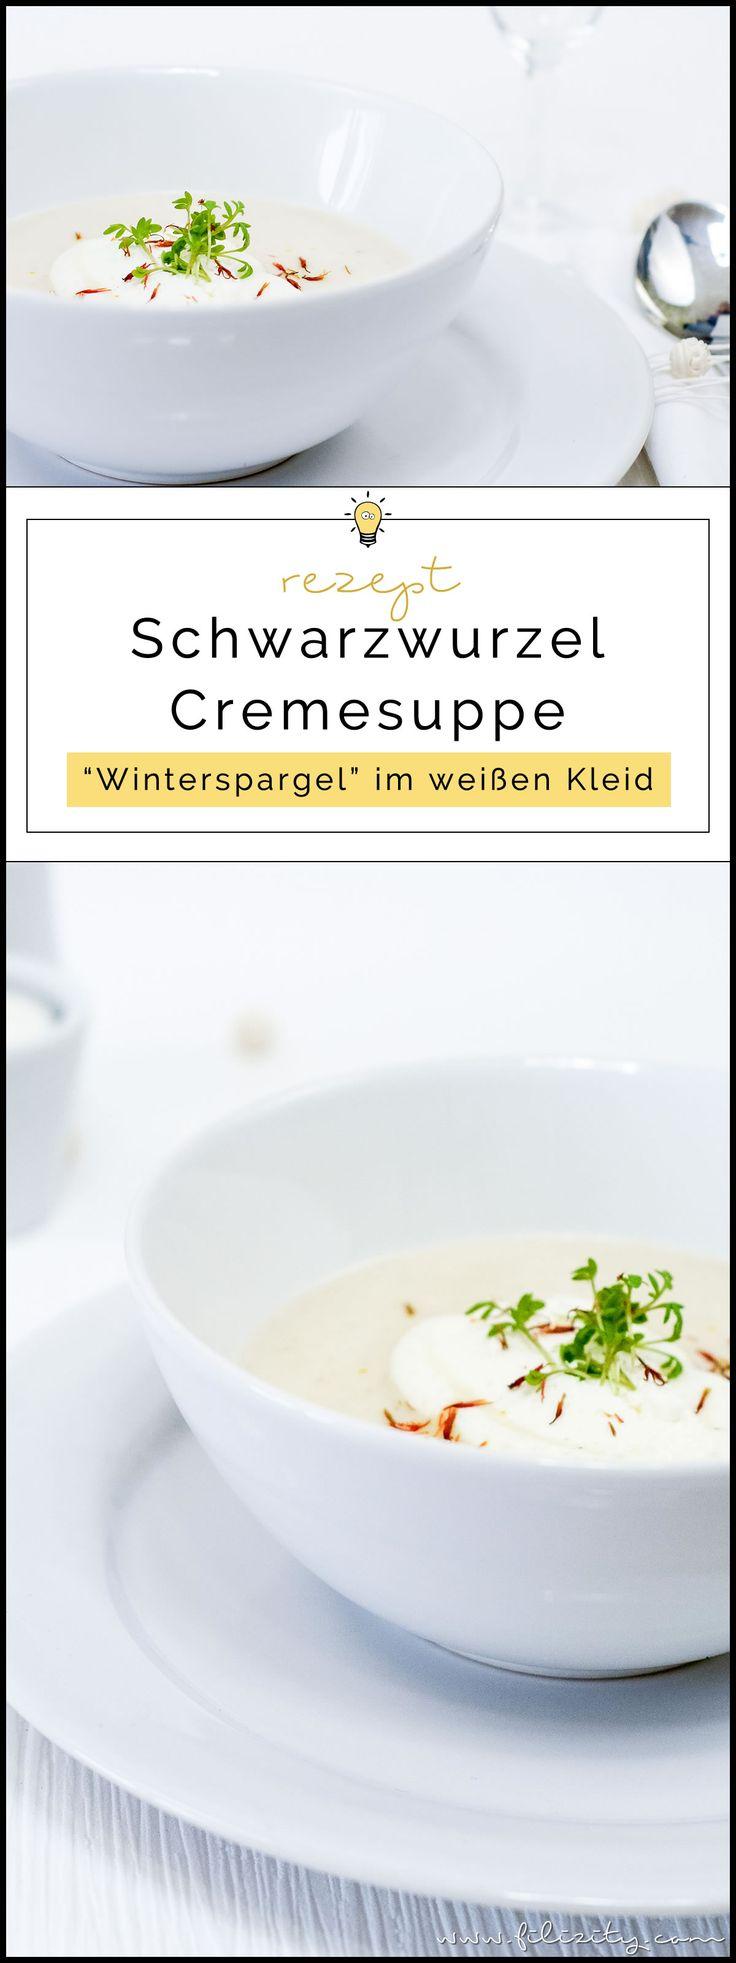 Rezept für orientalische Schwarzwurzel-Cremesuppe   Perfekt für Diner en Blanc   Filizity.com   Food-Blog aus dem Rheinland #vegetarisch #suppe #spargel